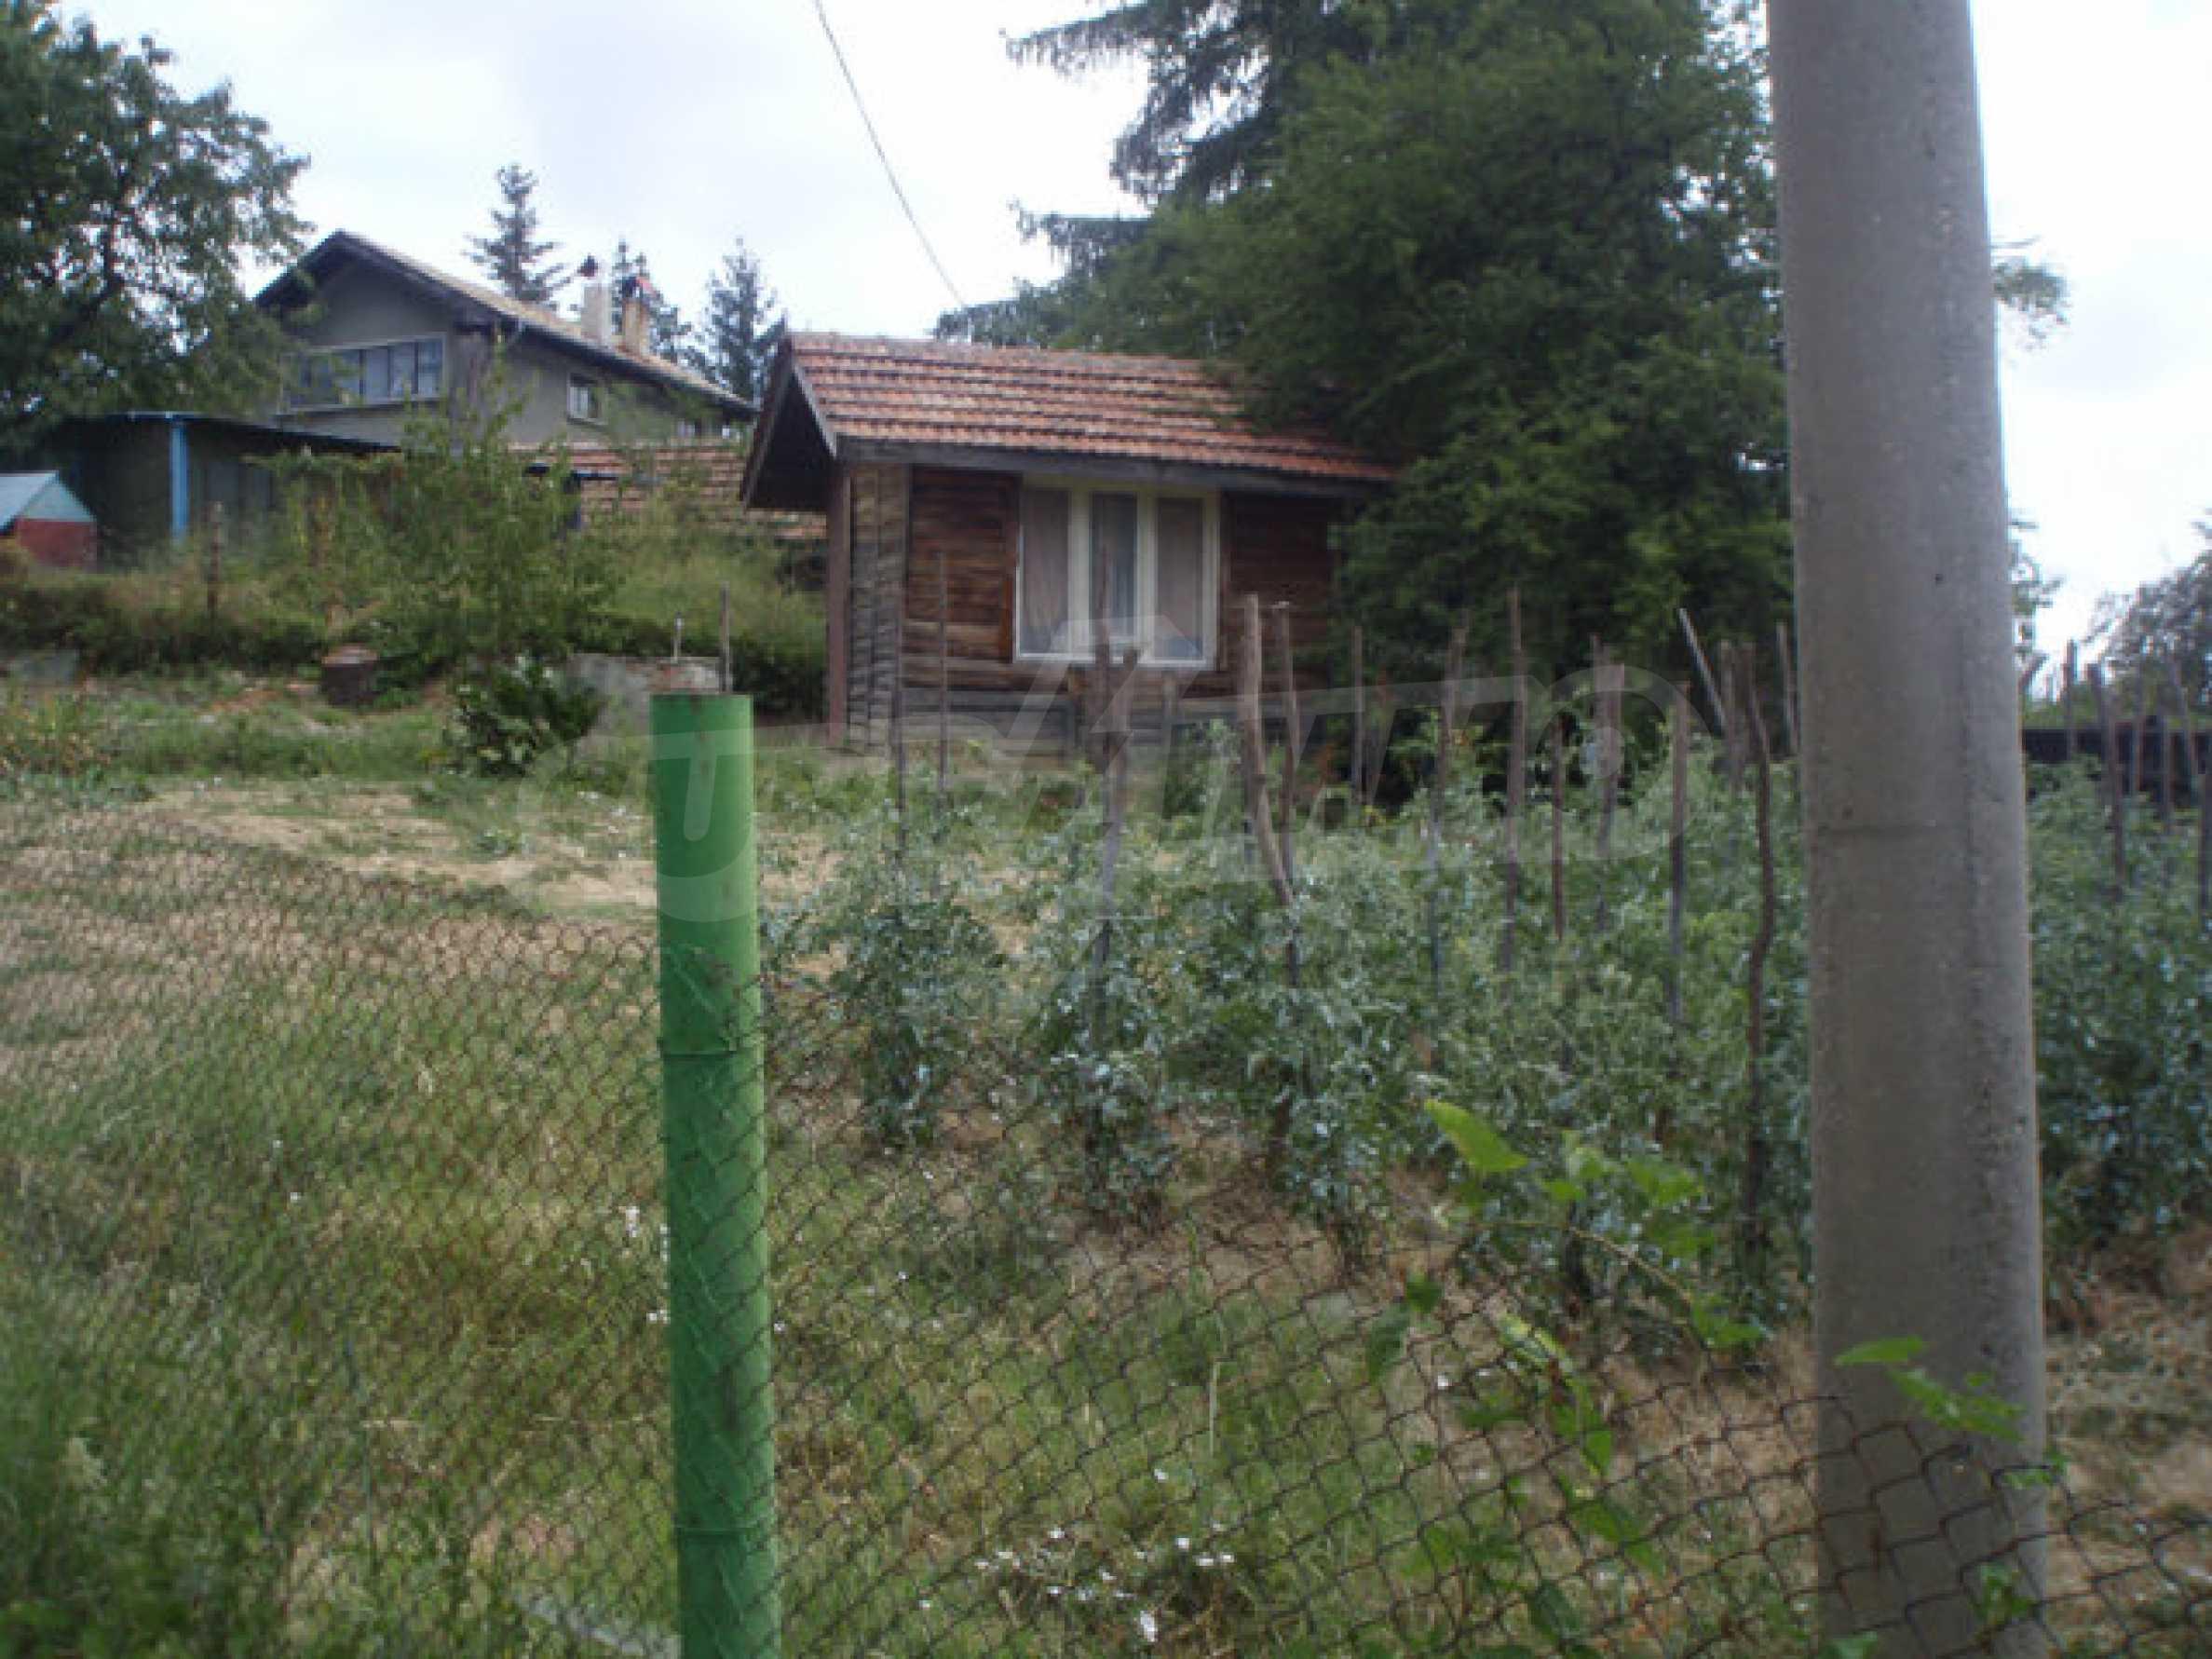 Schönes Grundstück mit einem kleinen Haus in einem sehr beliebten Dorf